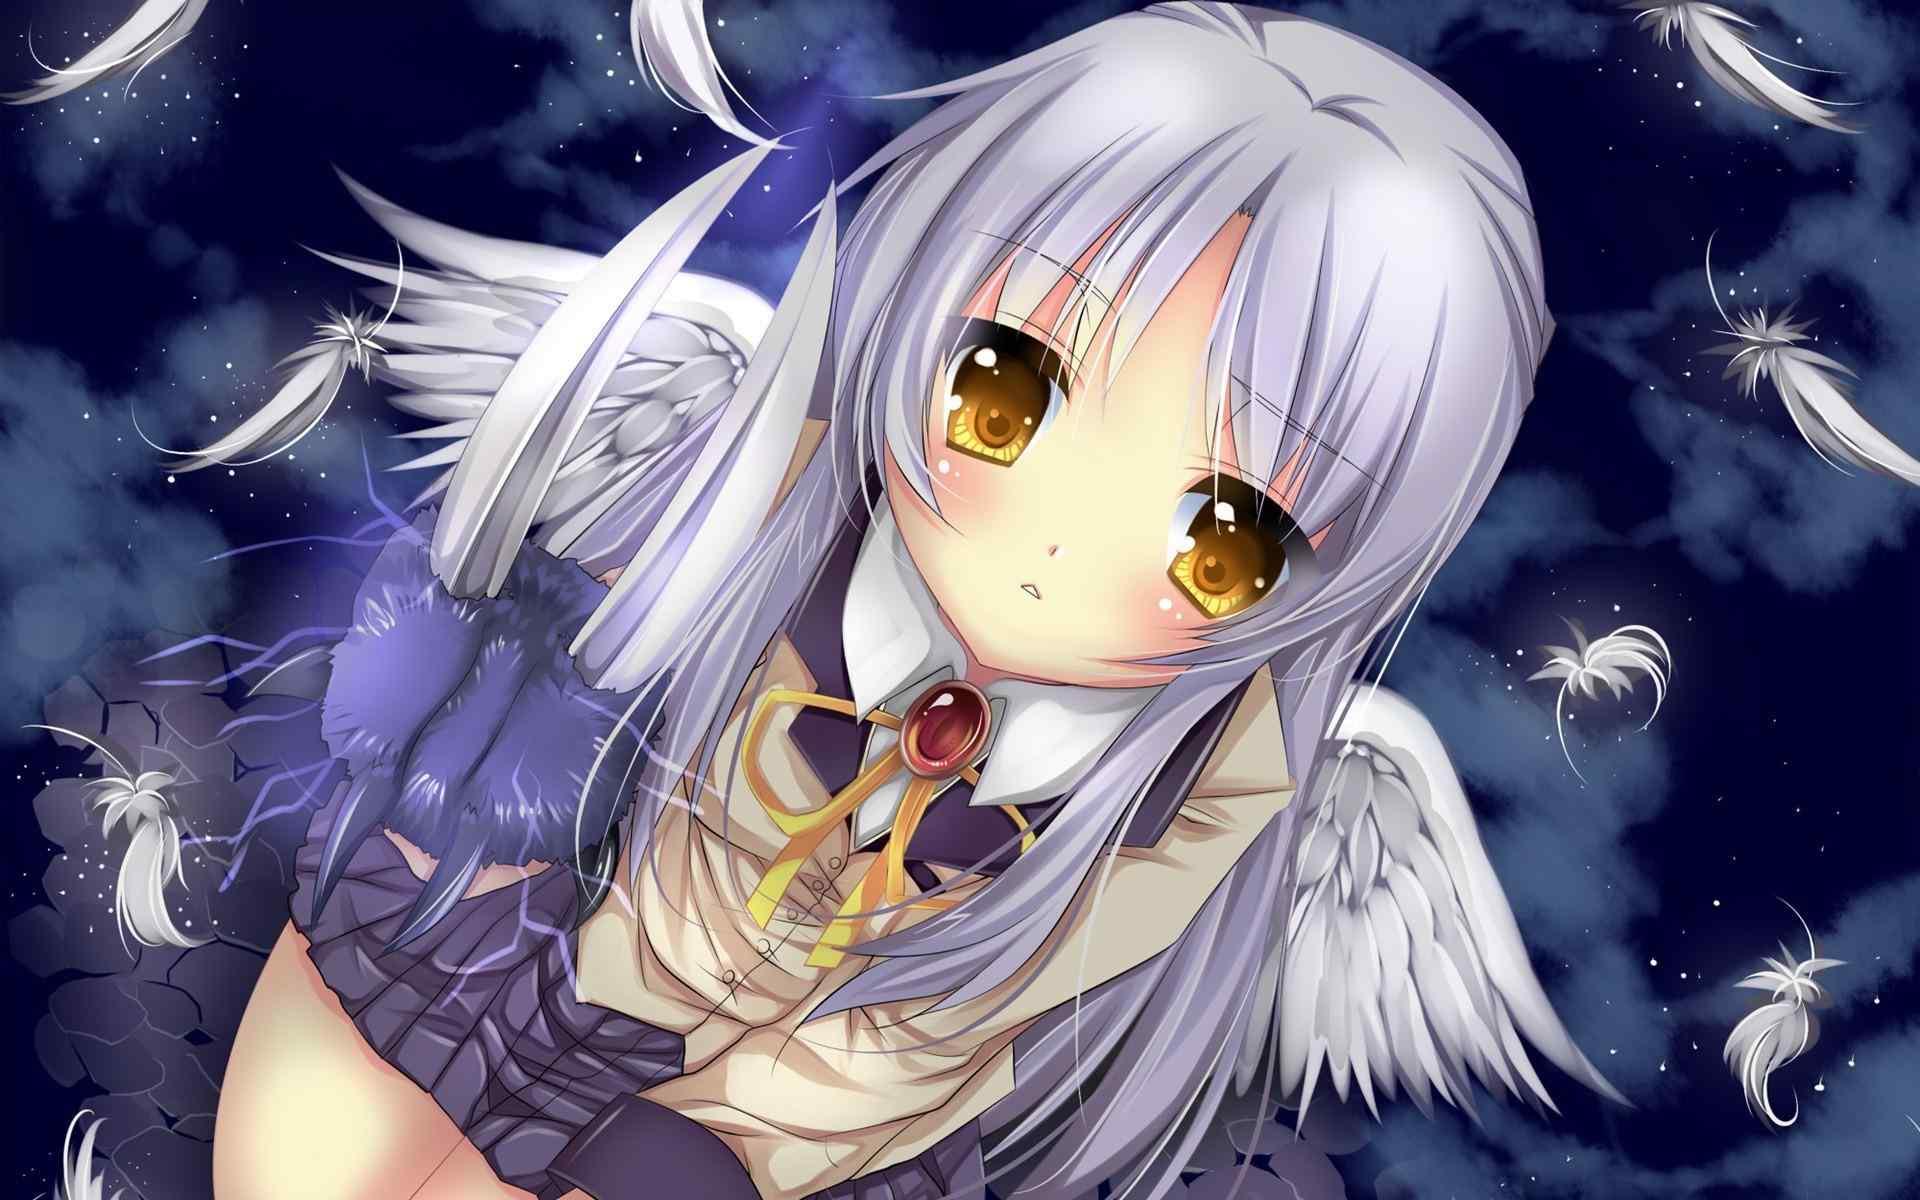 《angel beats》动漫之美女可爱桌面壁纸